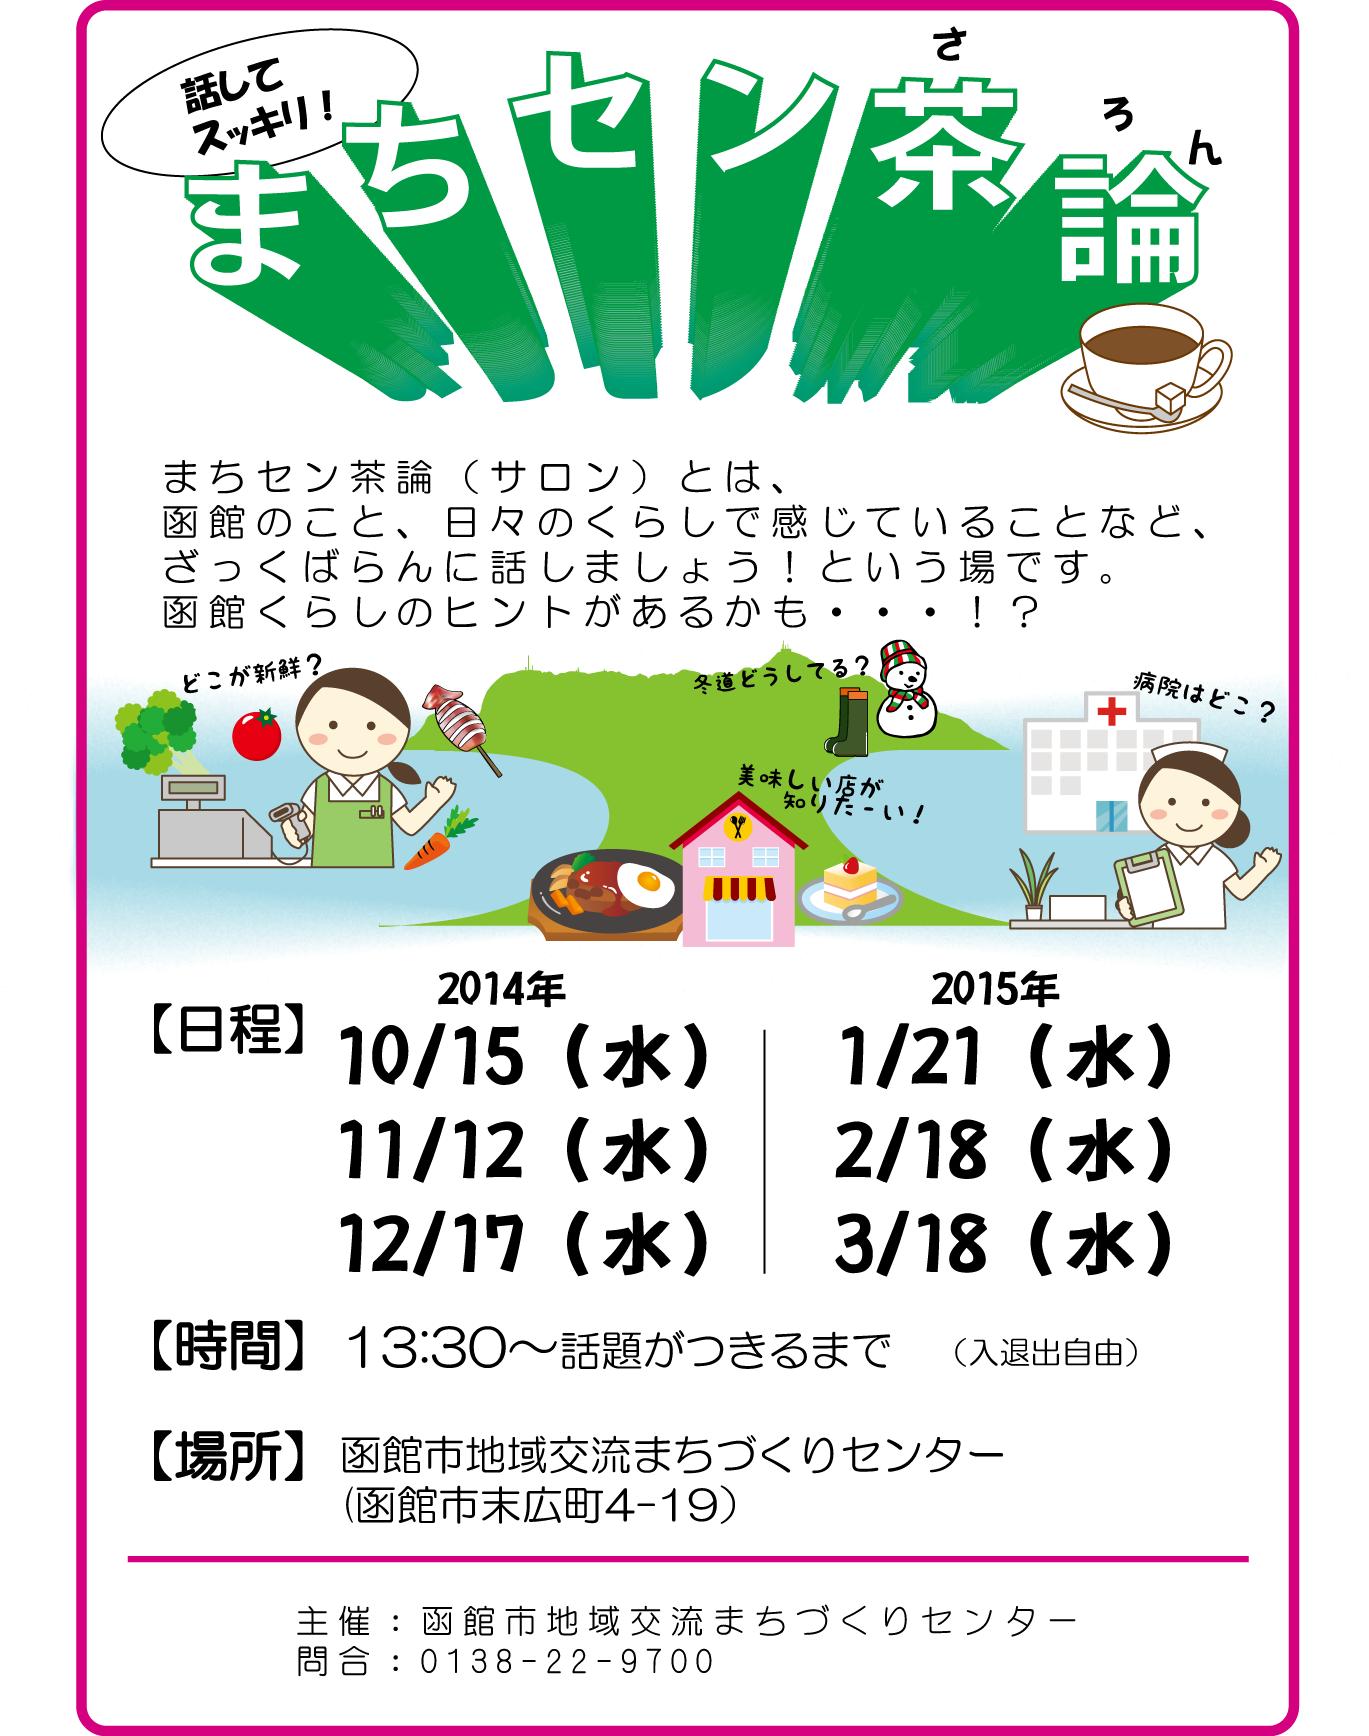 http://hakomachi.com/diary2/images/%E3%81%BE%E3%81%A1%E3%82%BB%E3%83%B3%E8%8C%B6%E8%AB%96.png